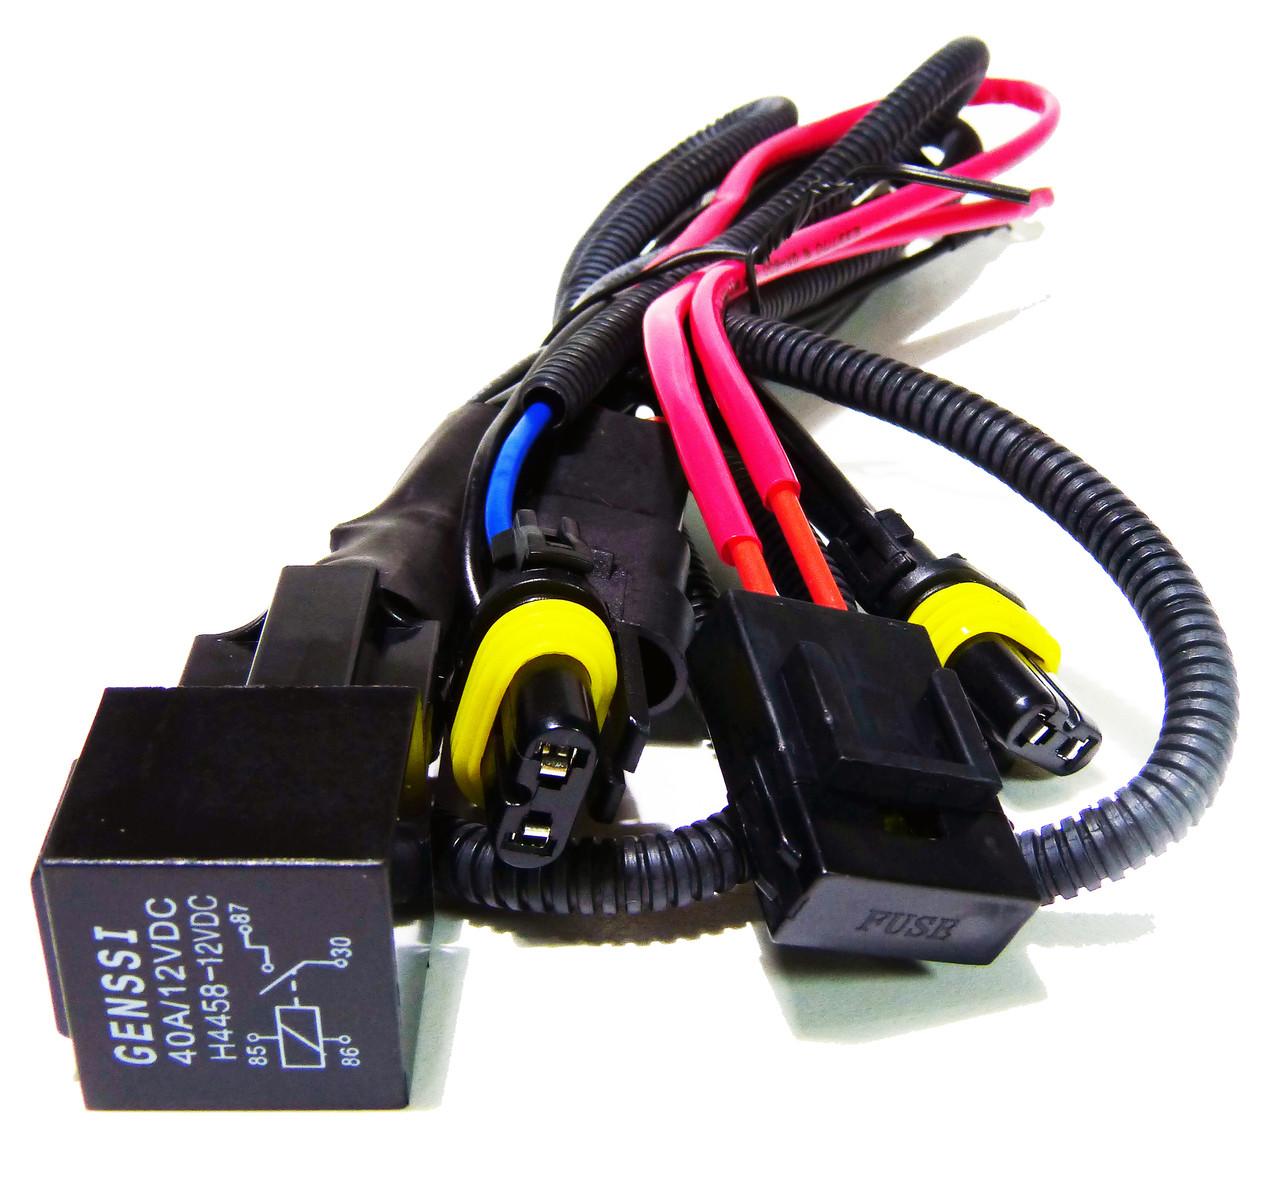 9006 Bi Xenon Wiring Harness | Wiring Diagram Liry  Bi Xenon Wiring Harness on trailer hitch wiring, xenon hid kit wiring, brake light wiring,